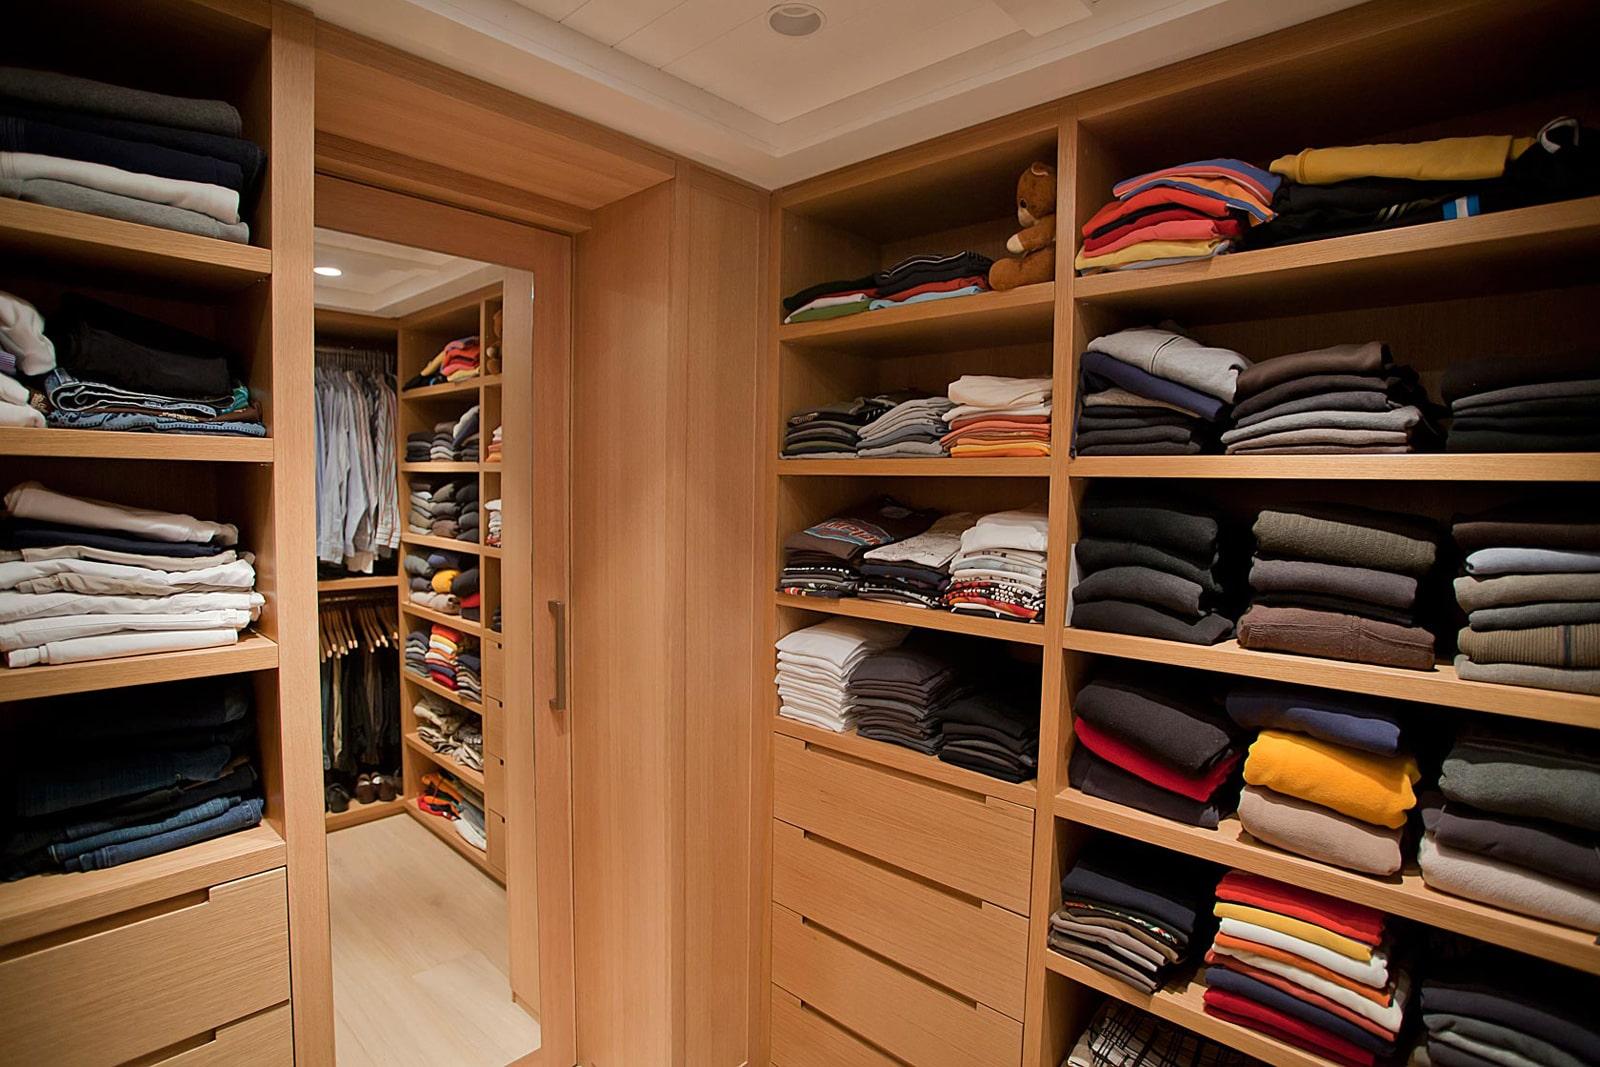 חדר ארונות בגדים אלון אירופאי